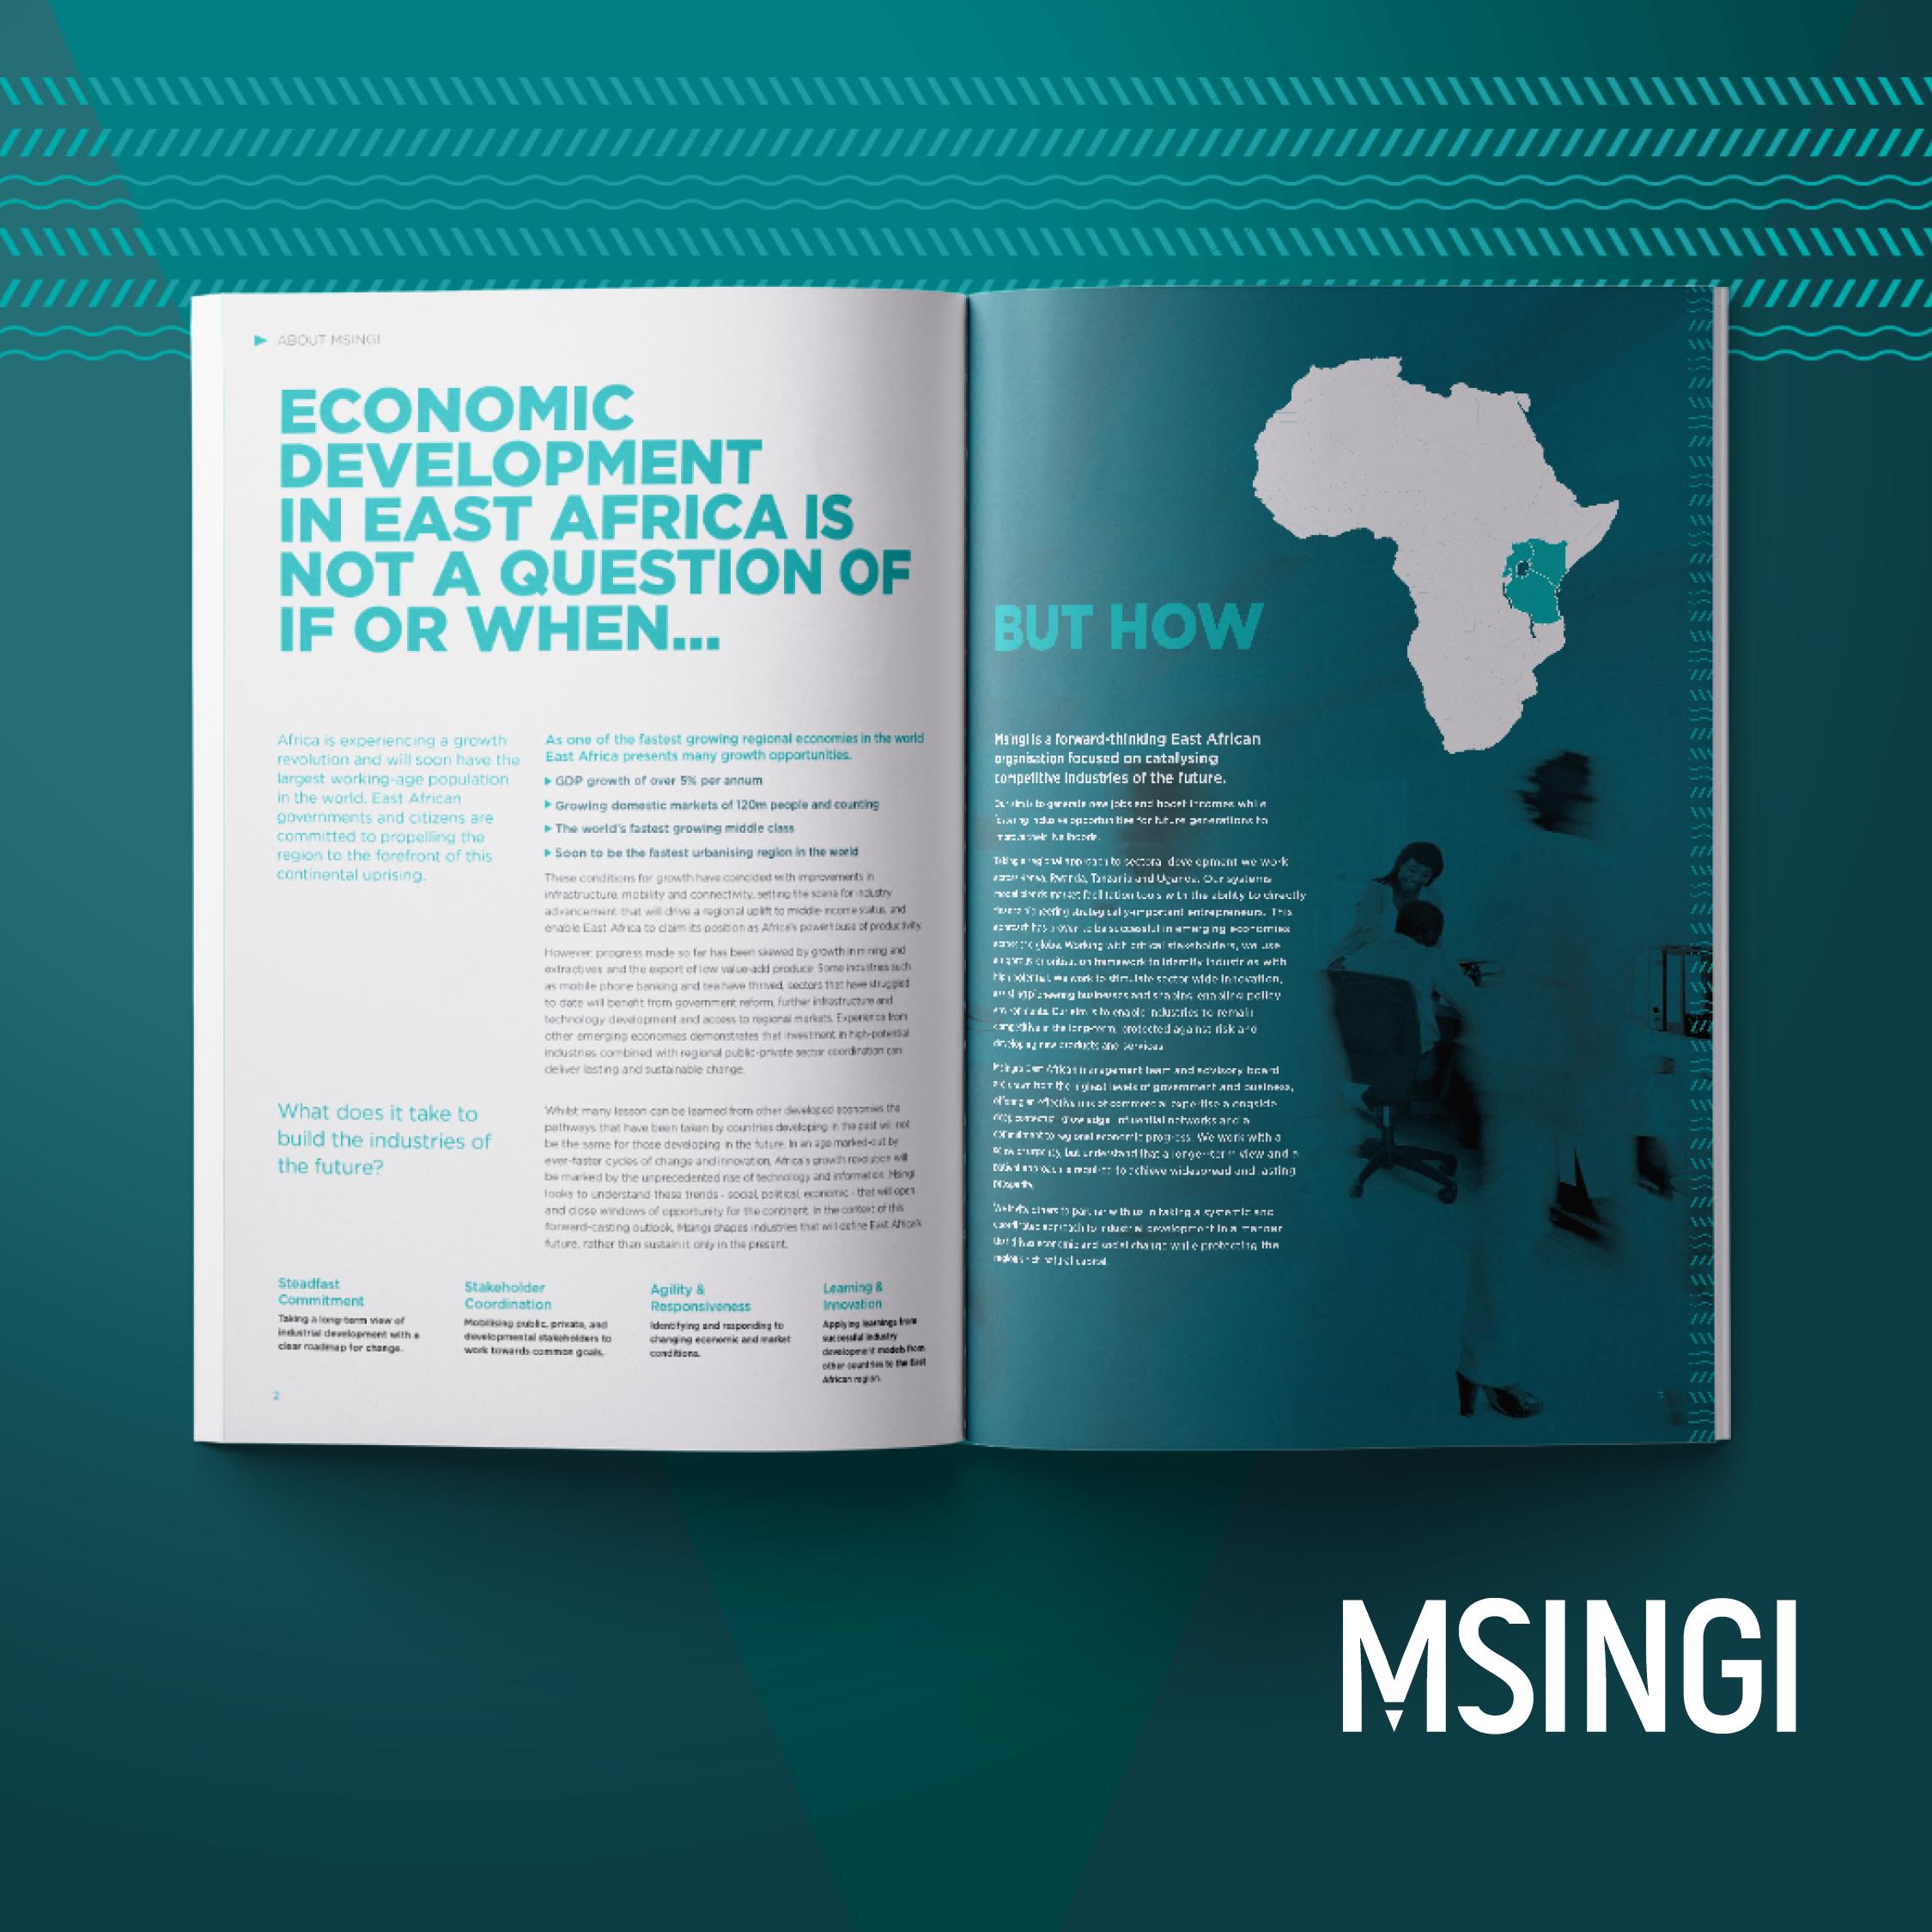 Msingi Kenya Projects